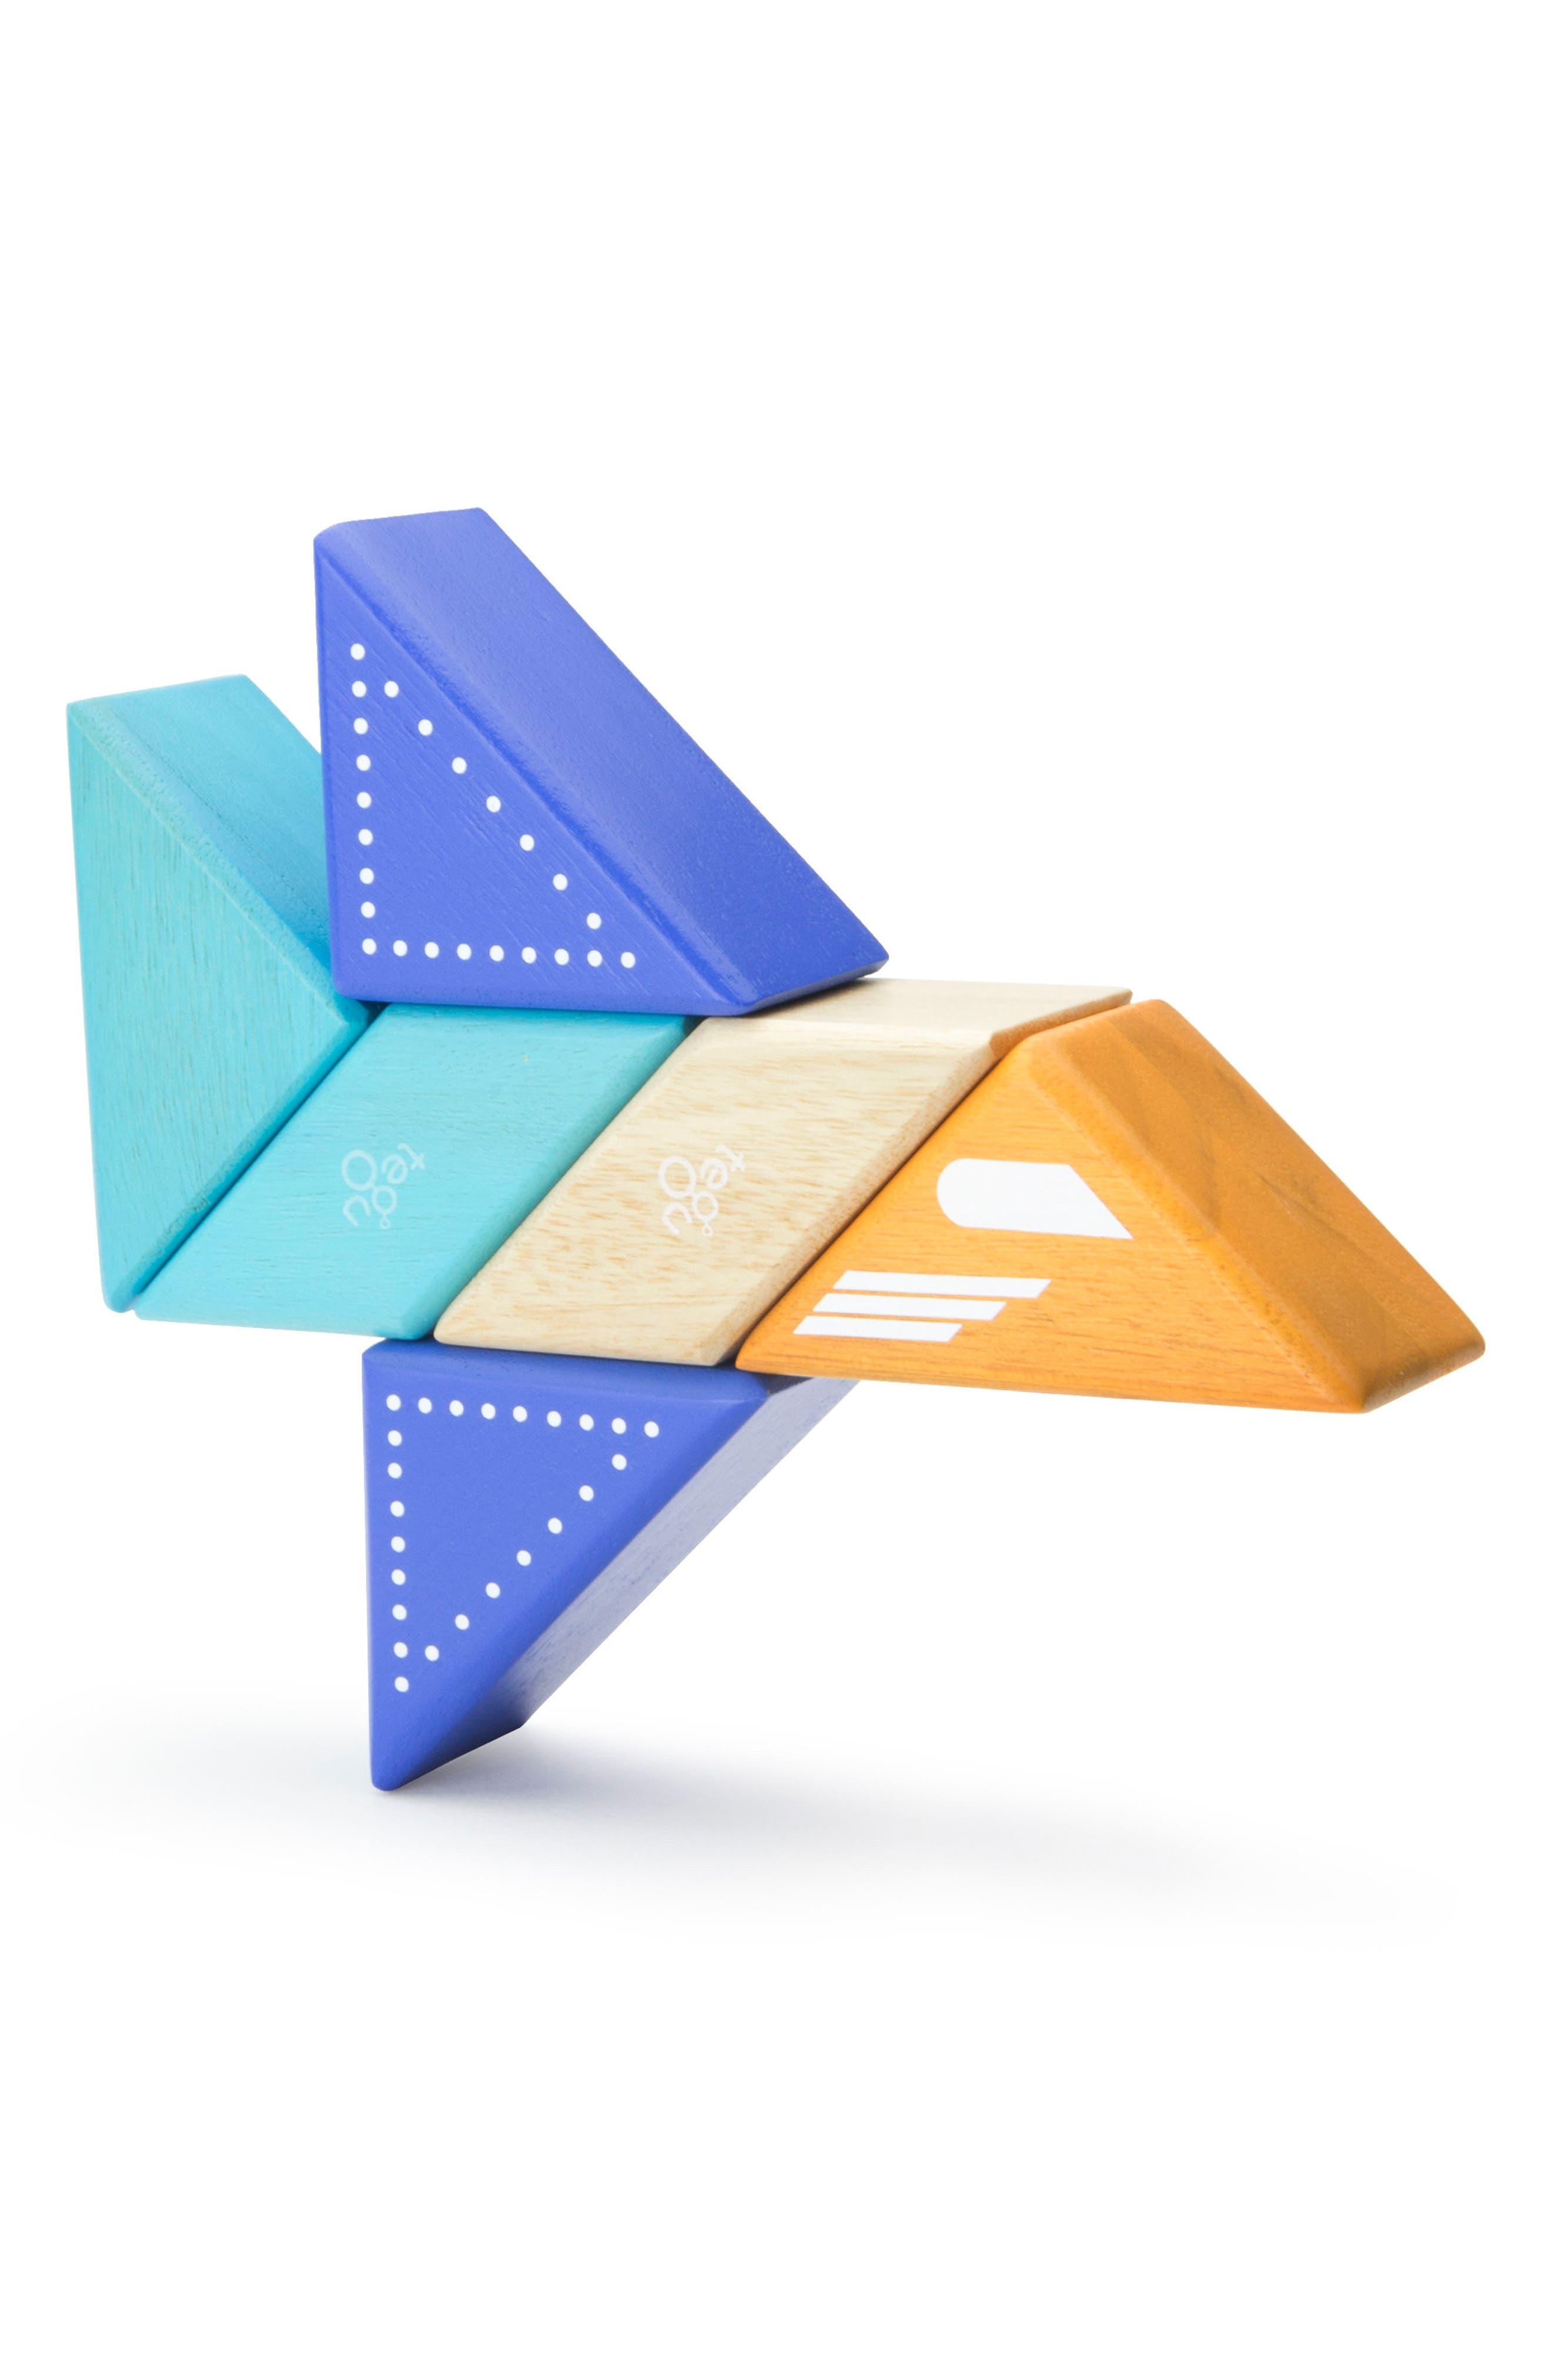 Travel Pals 6-Piece Jet Magnetic Block Set,                             Main thumbnail 1, color,                             Blue